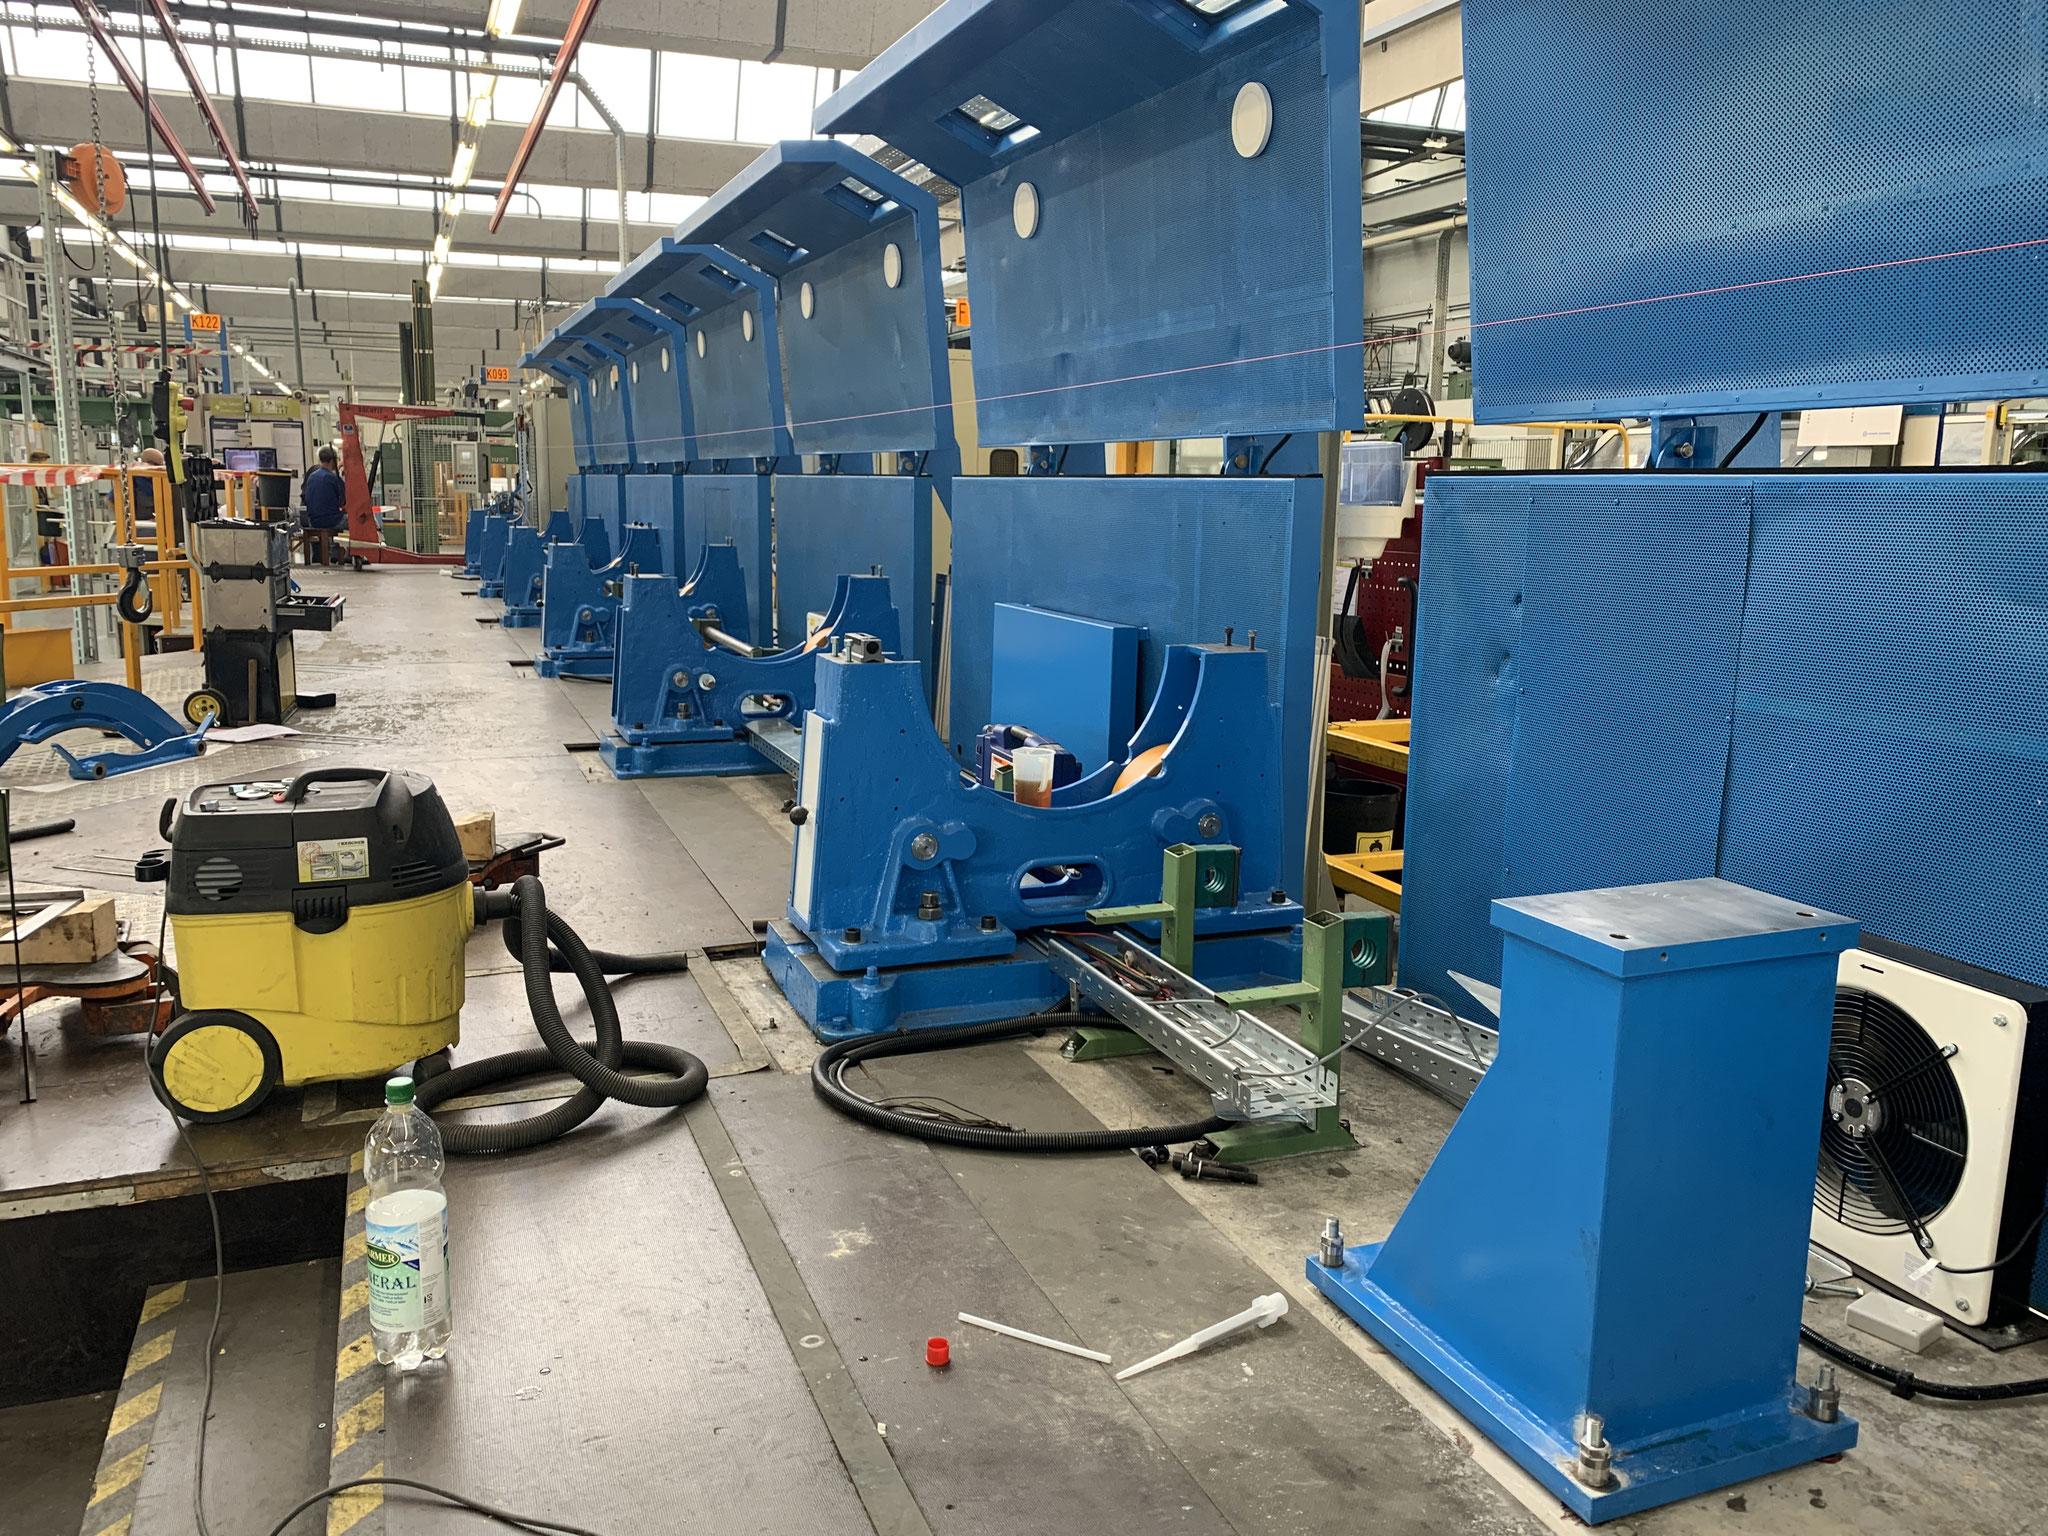 Endmontage einer revidierten Rohrverseilmaschine beim Kunden